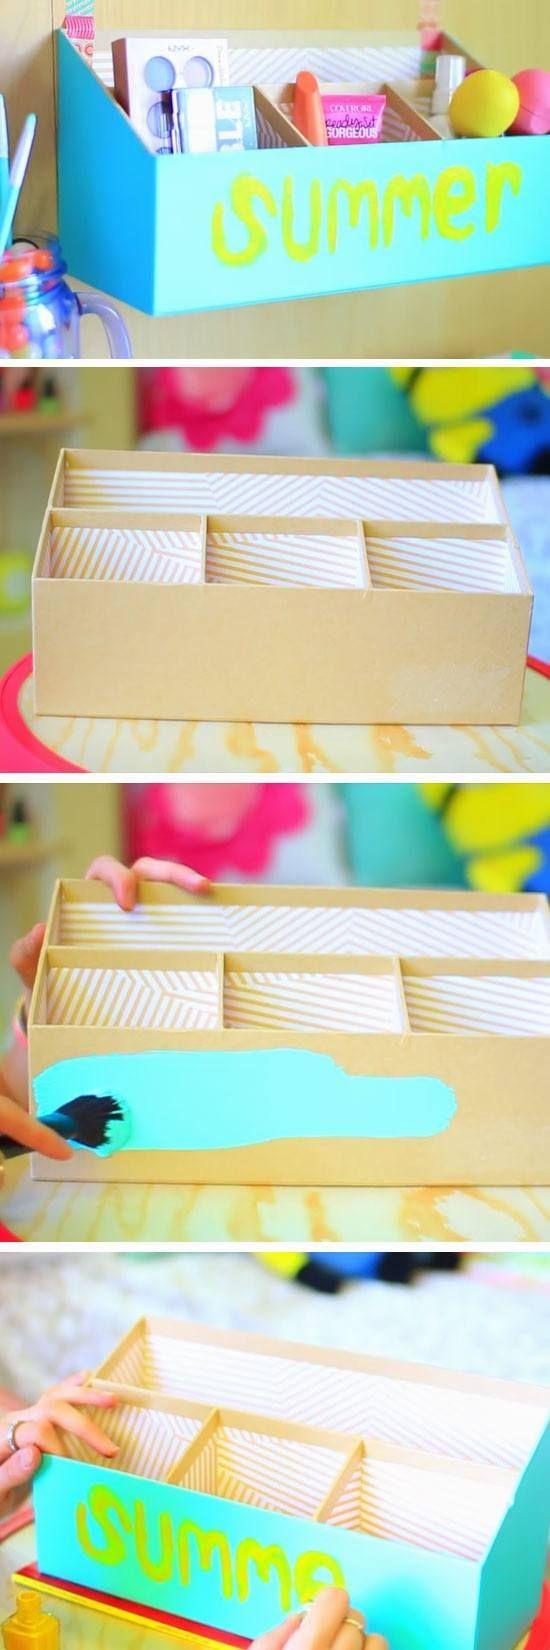 Cute Summer Box 18 Diy Summer Tumblr Room Decor Ideas That Are